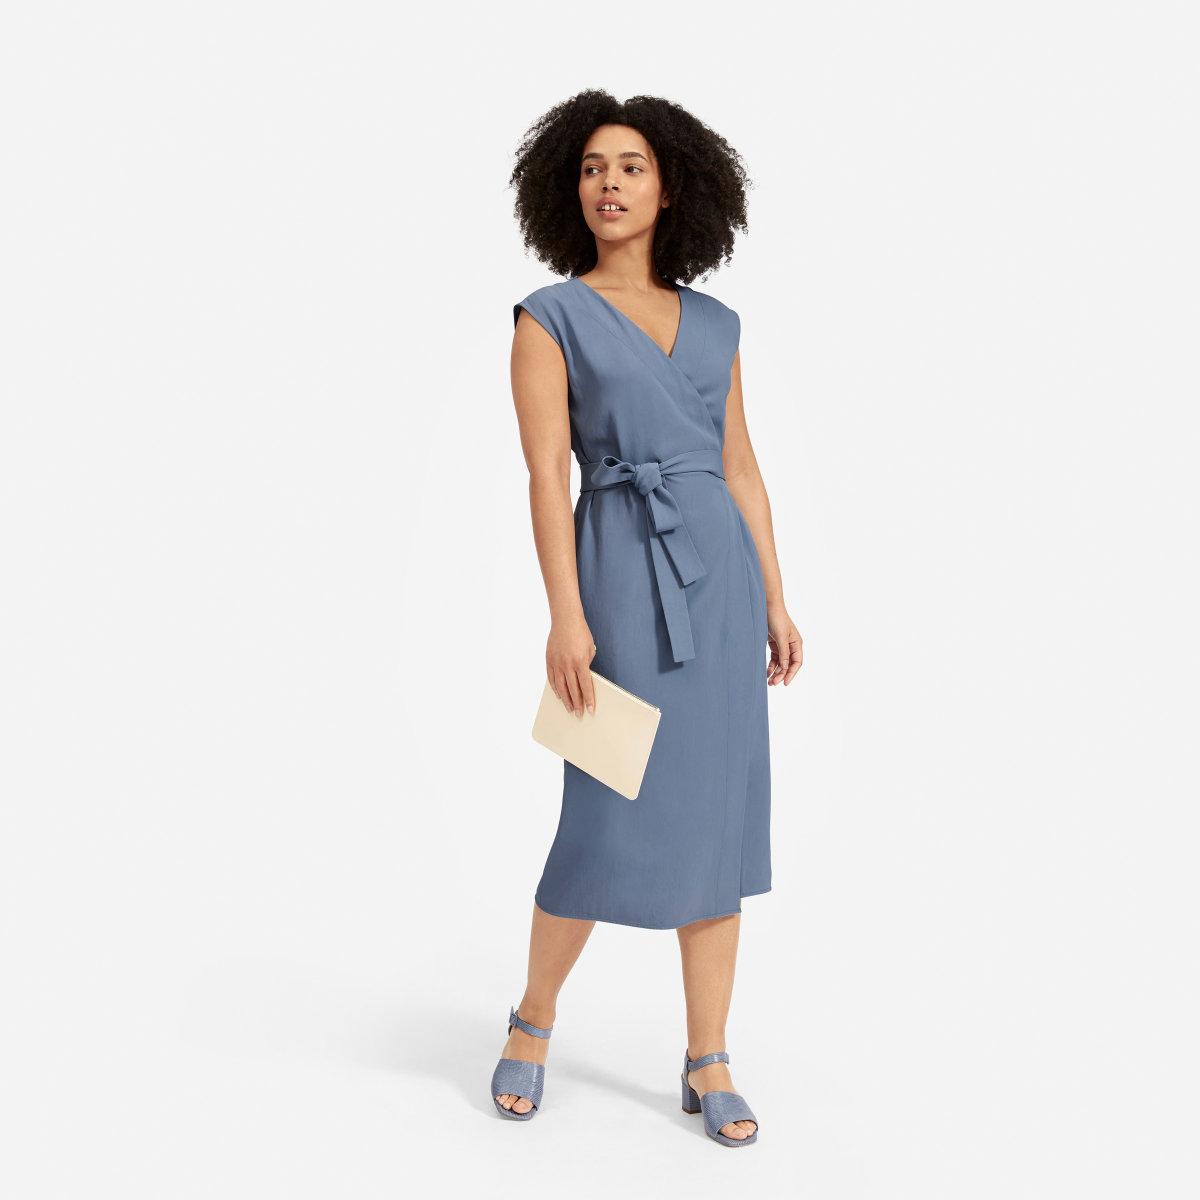 Everlane Dress, $100